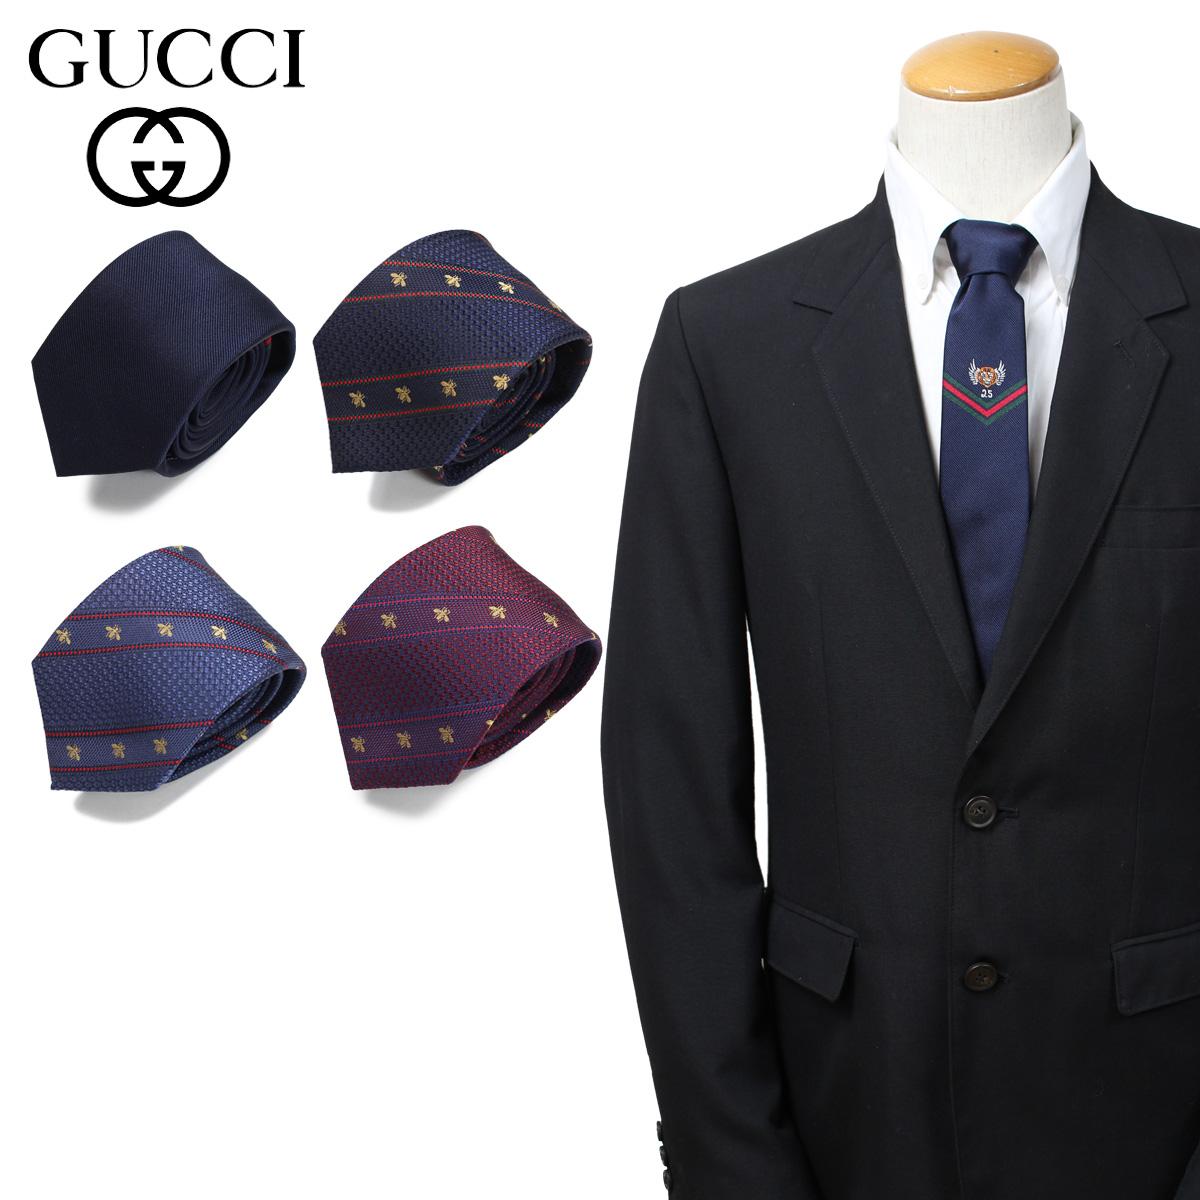 GUCCI グッチ ネクタイ メンズ イタリア製 シルク ビジネス 結婚式 [4/3 新入荷]